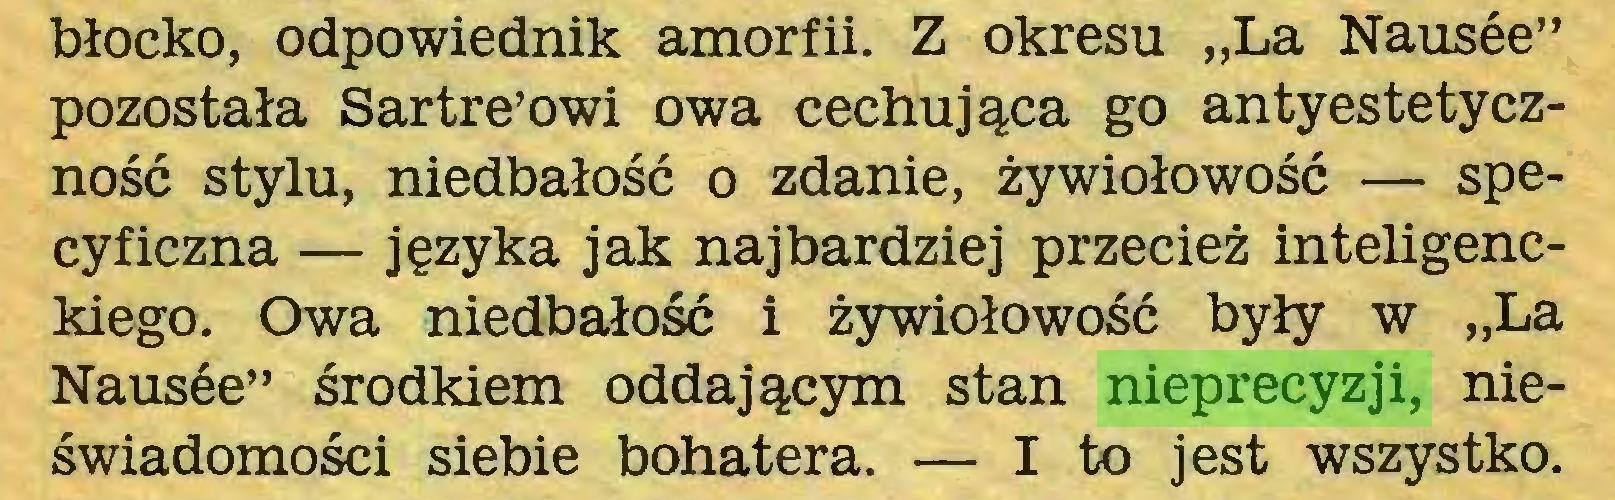 """(...) błocko, odpowiednik amorfii. Z okresu """"La Nausée"""" pozostała Sartre'owi owa cechująca go antyestetyczność stylu, niedbałość o zdanie, żywiołowość — specyficzna — języka jak najbardziej przecież inteligenckiego. Owa niedbałość i żywiołowość były w """"La Nausée"""" środkiem oddającym stan nieprecyzji, nieświadomości siebie bohatera. — I to jest wszystko..."""